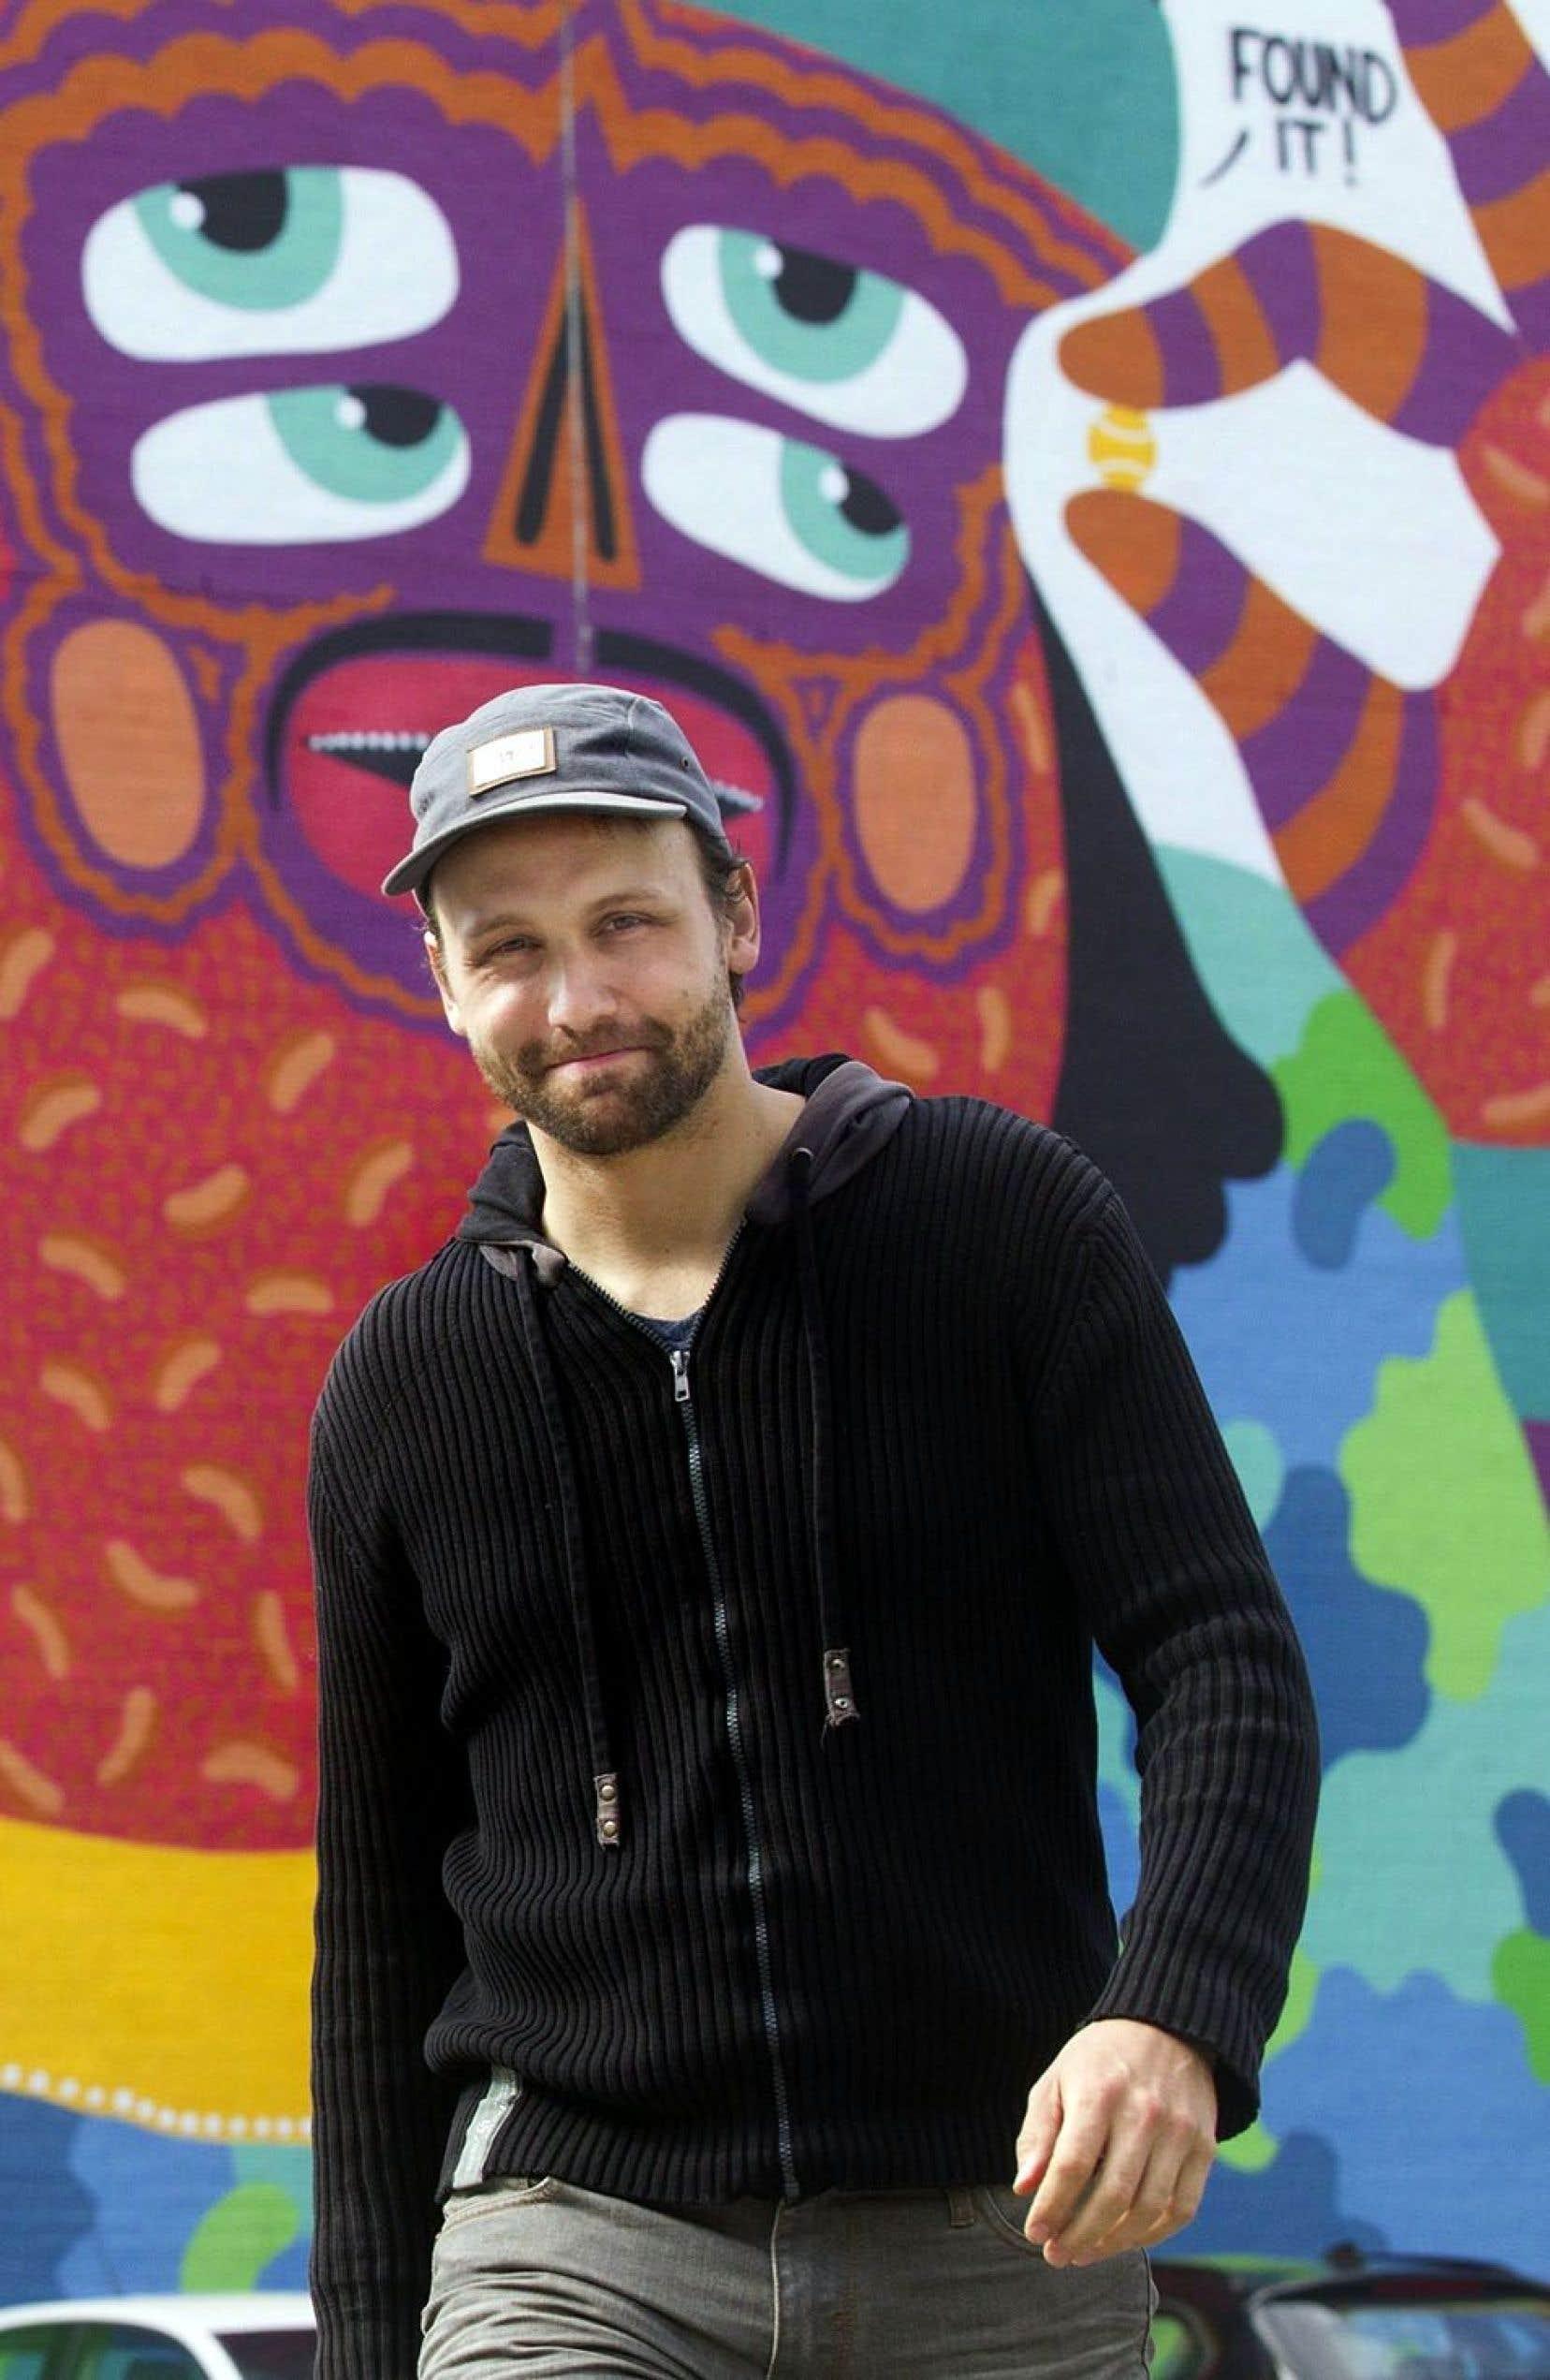 Cette édition charnière du festival sera la toute première du comédien, réalisateur et auteur-compositeur-interprète Émile Proulx-Cloutier, porte-parole cette année.